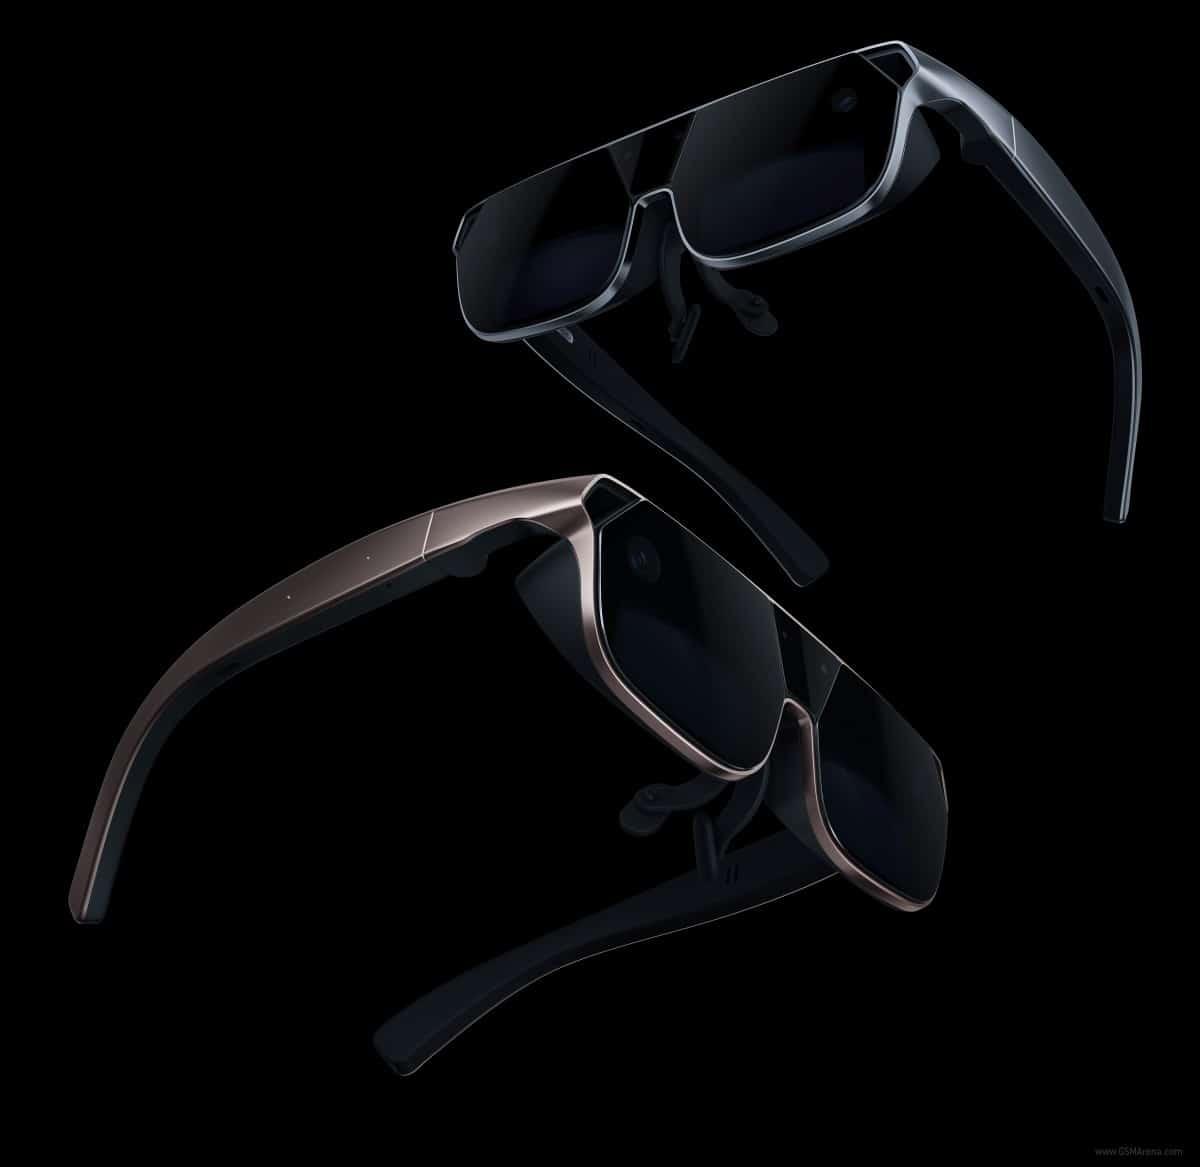 OPPO AR Glass 2022